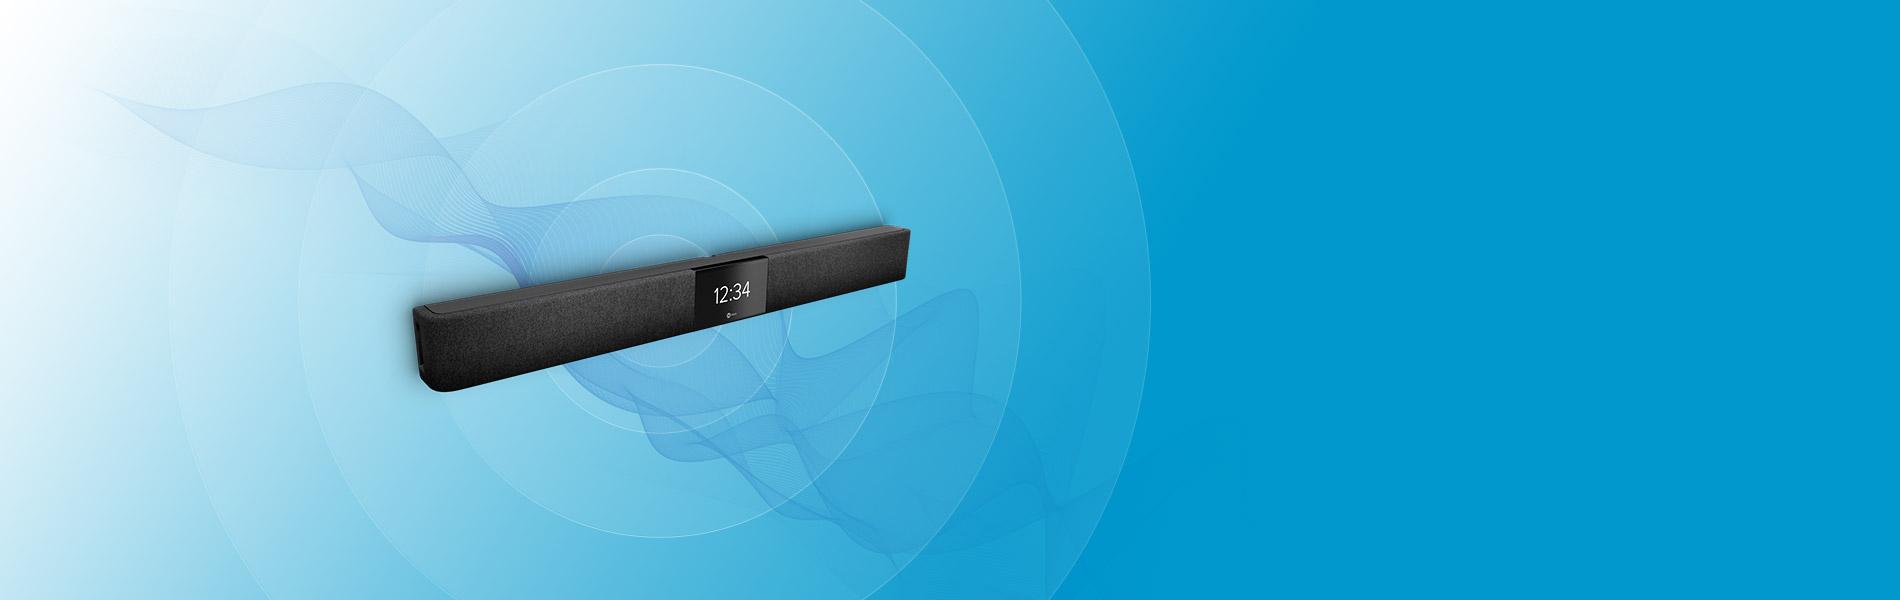 Nureva HDL200 audio conferencing system